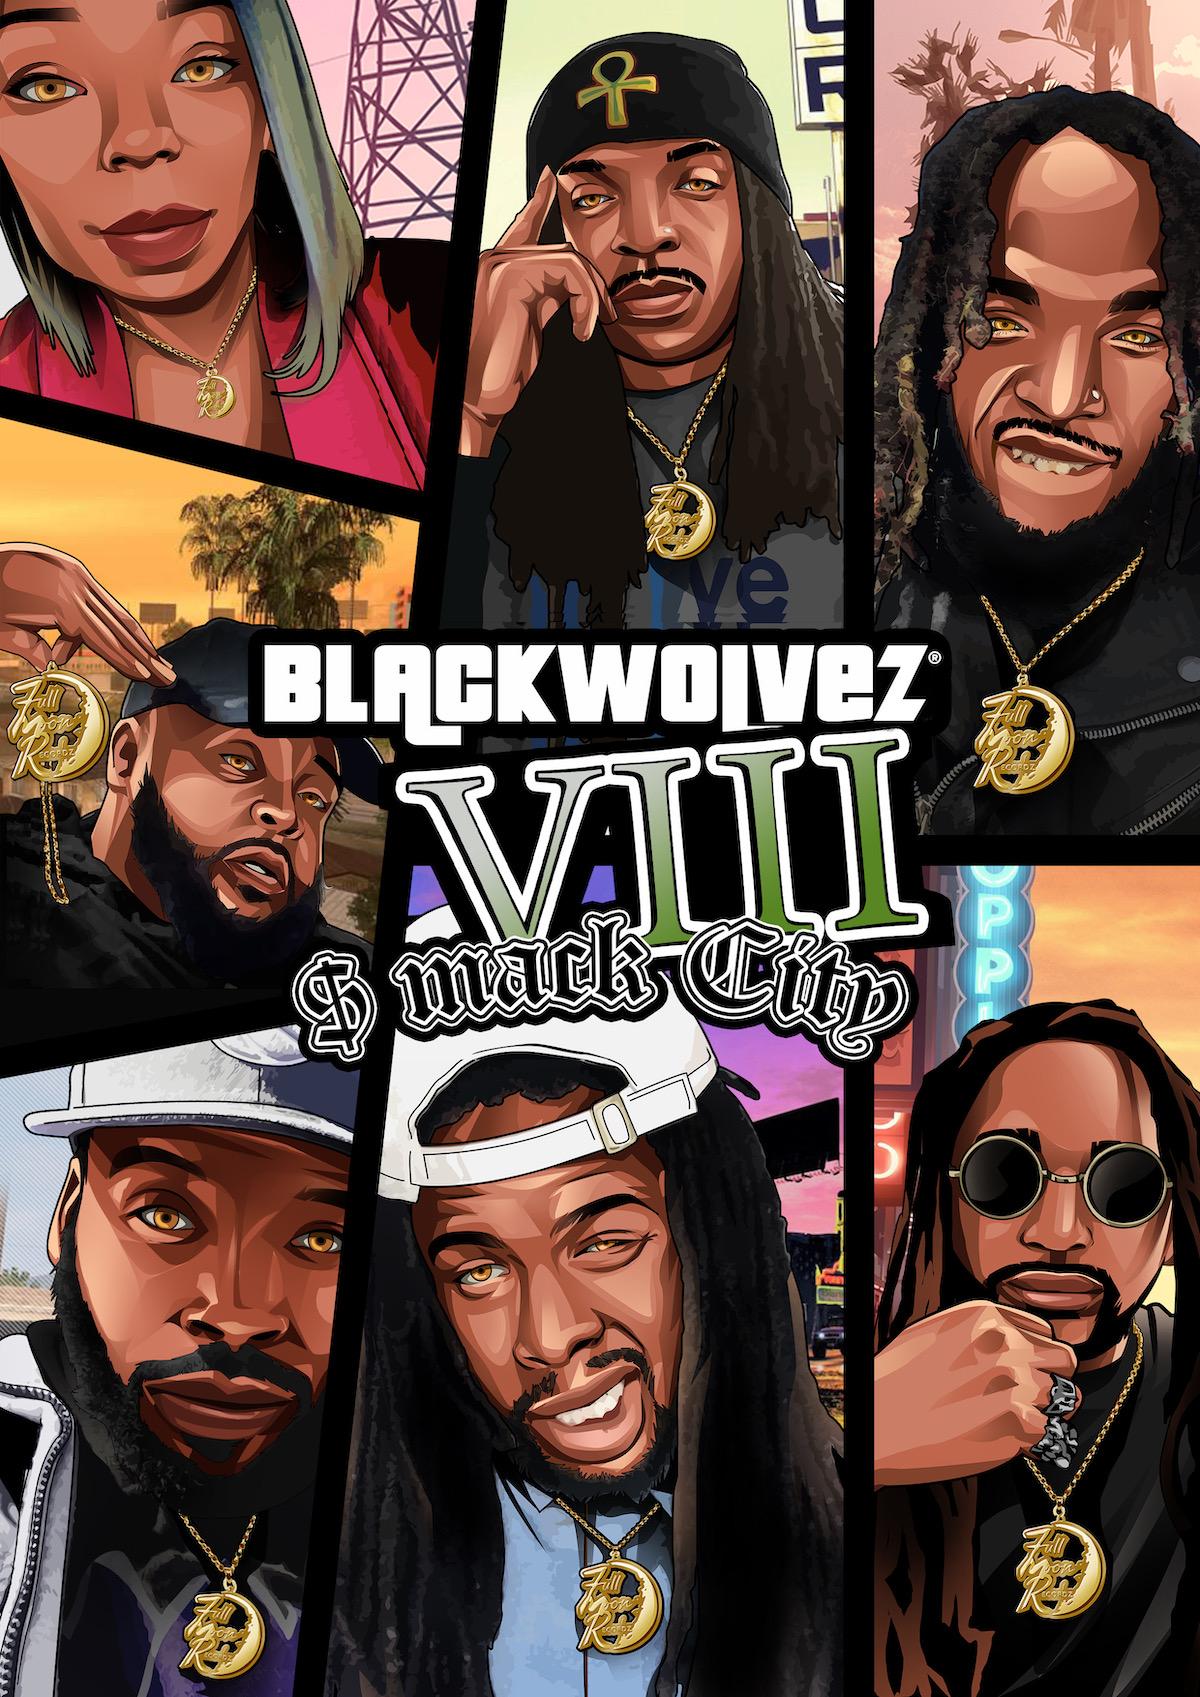 Blackwolvez-poster-art